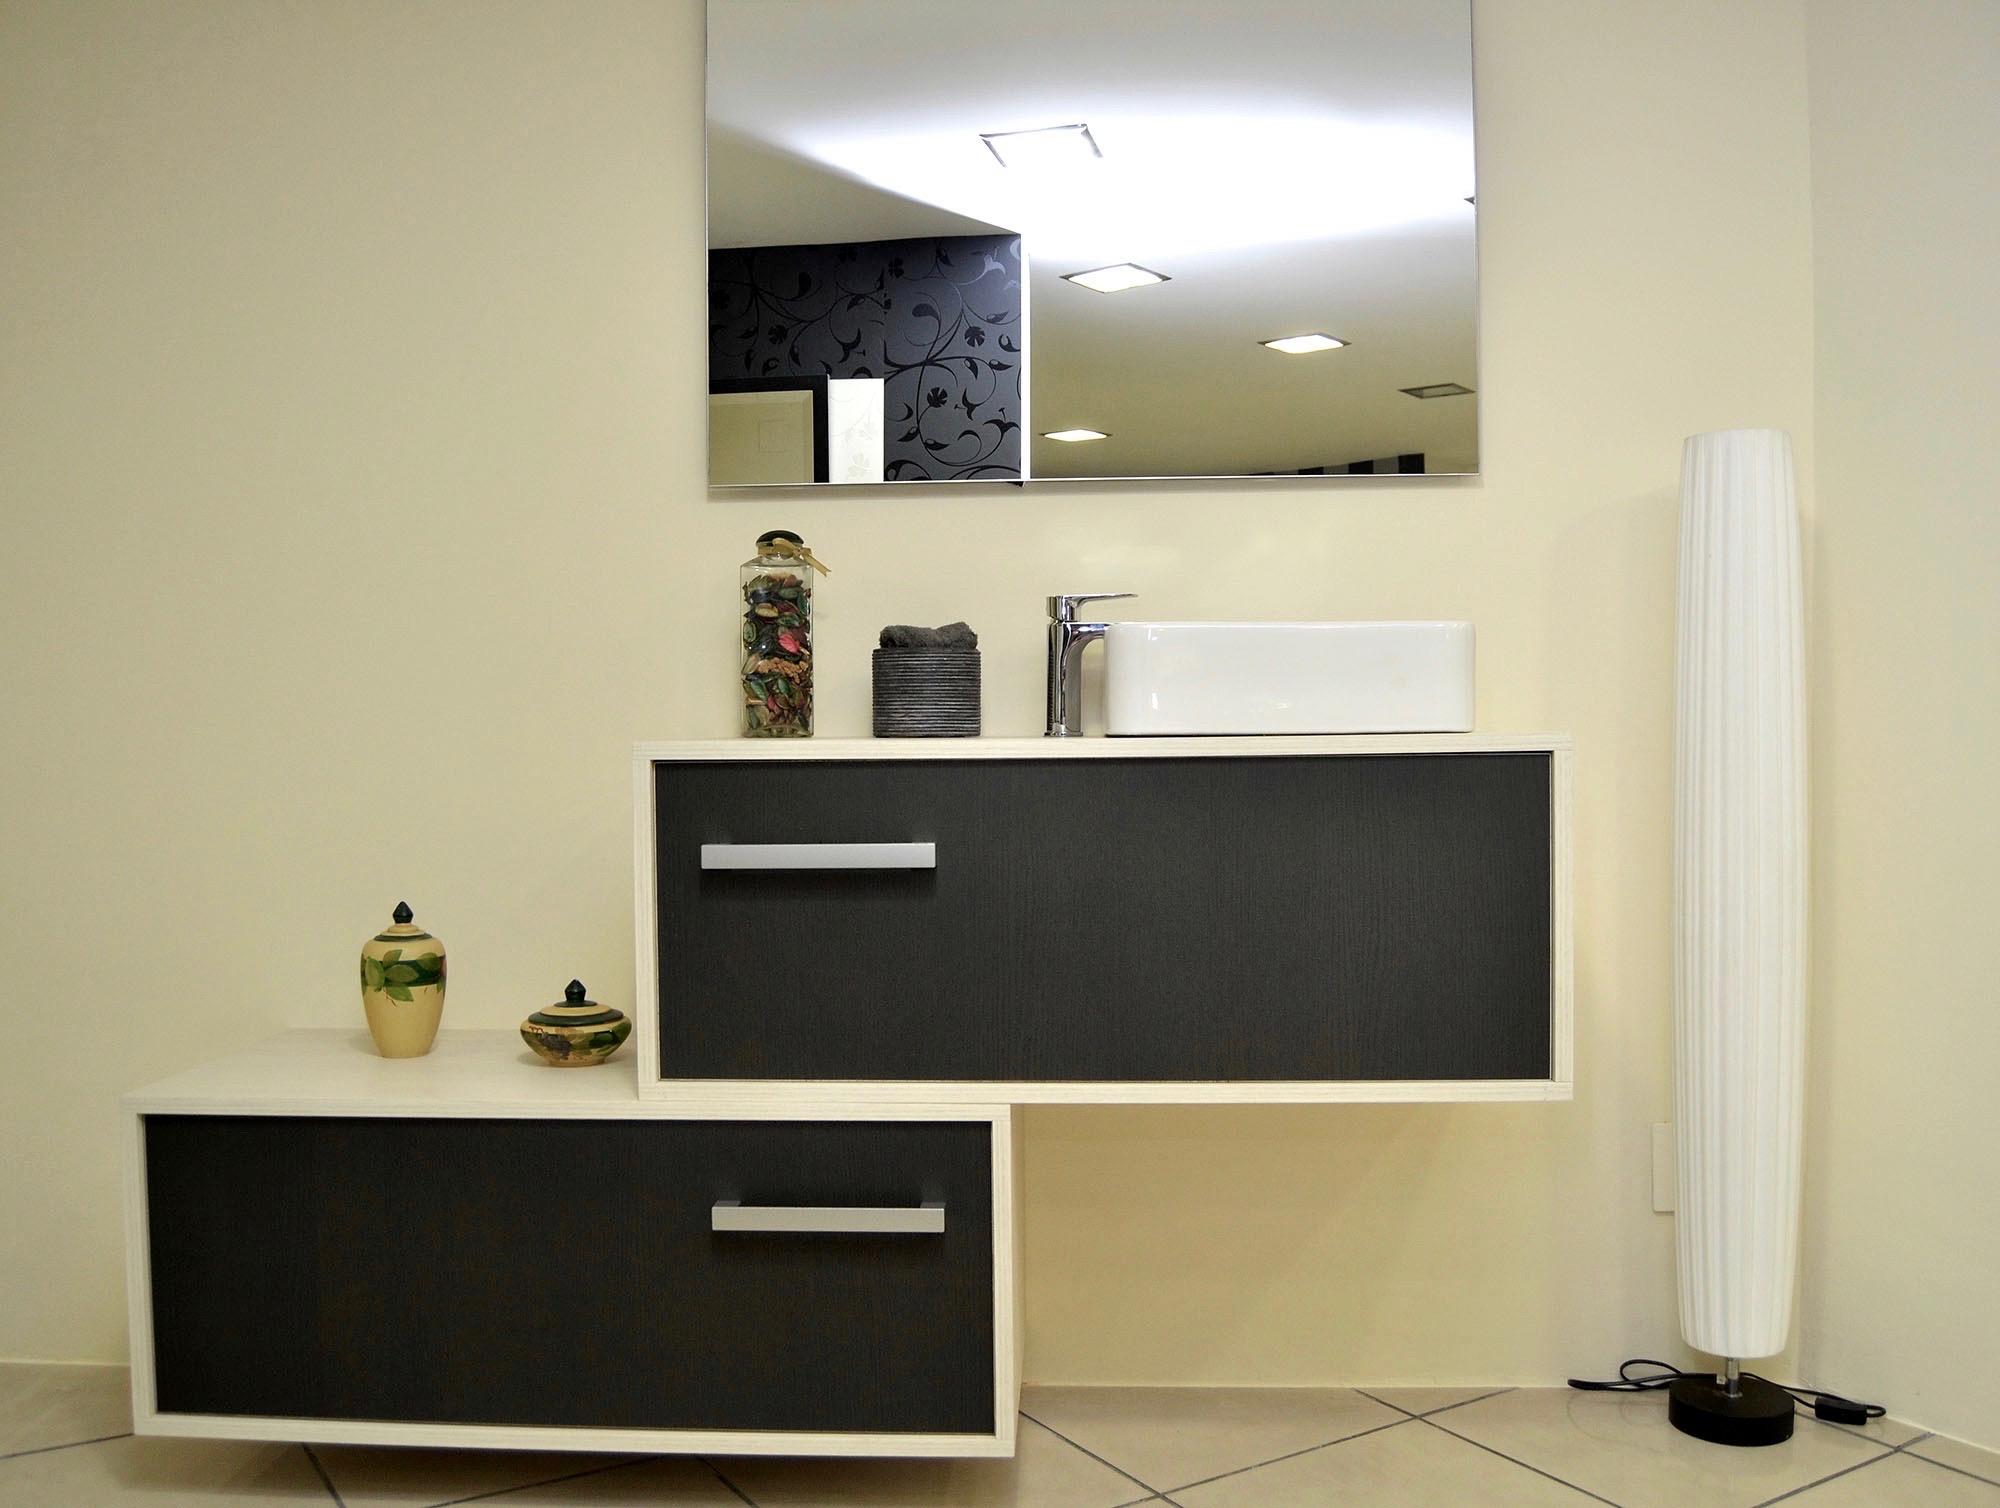 Nuestros ba os elegantes11 josman hermanos tienda de for Muebles para bano modernos y economicos